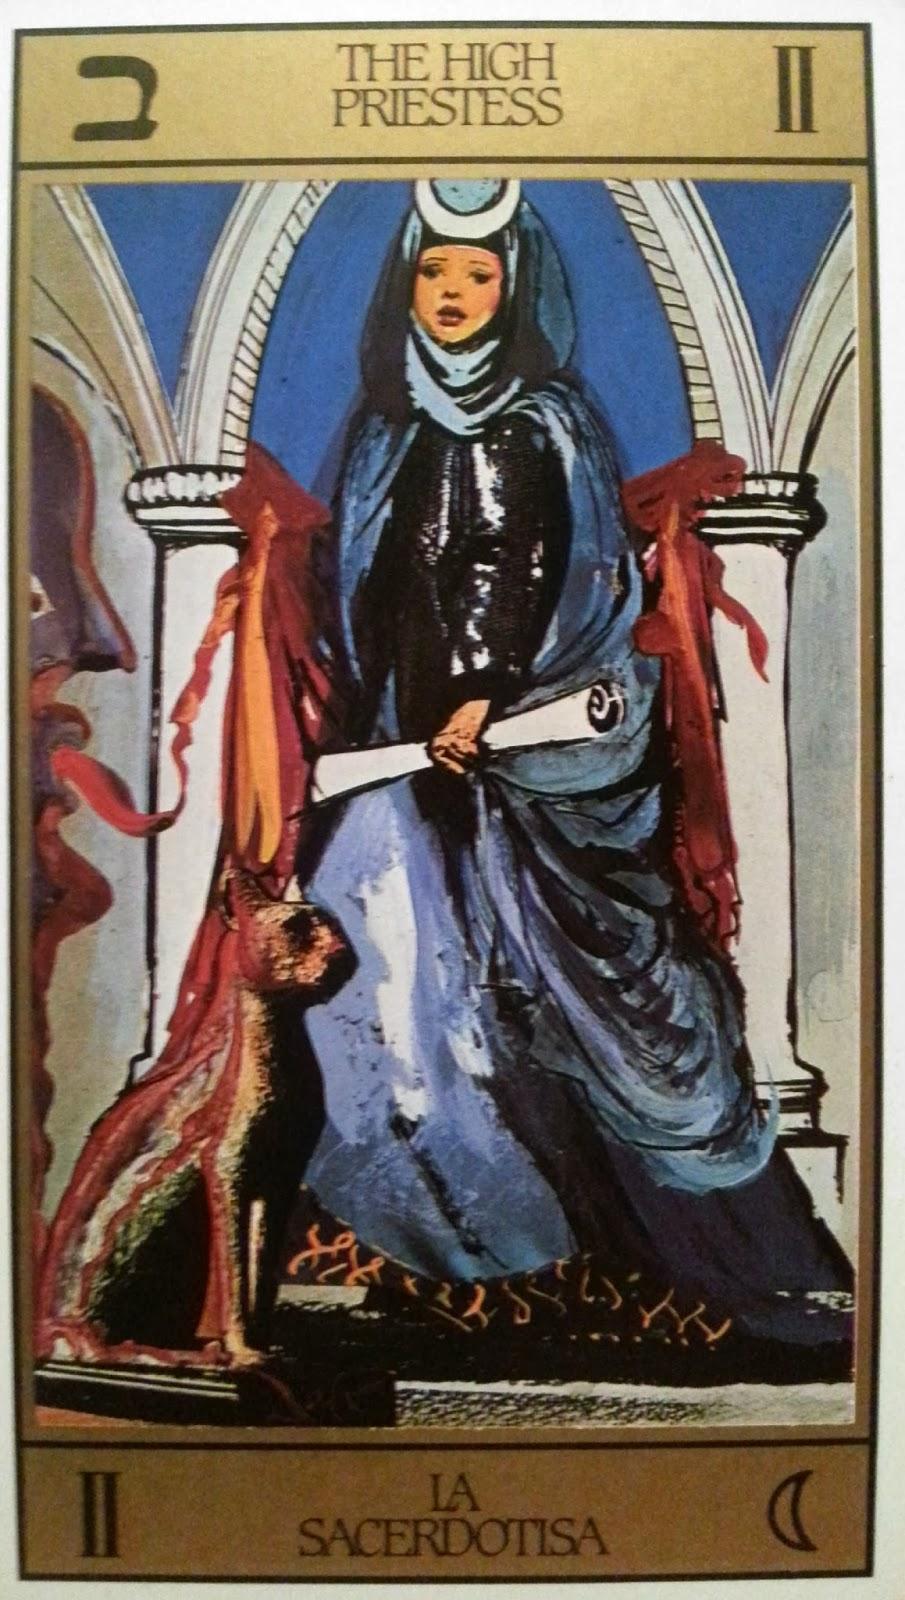 La Sacerdotisa. Tarot de Dalí.